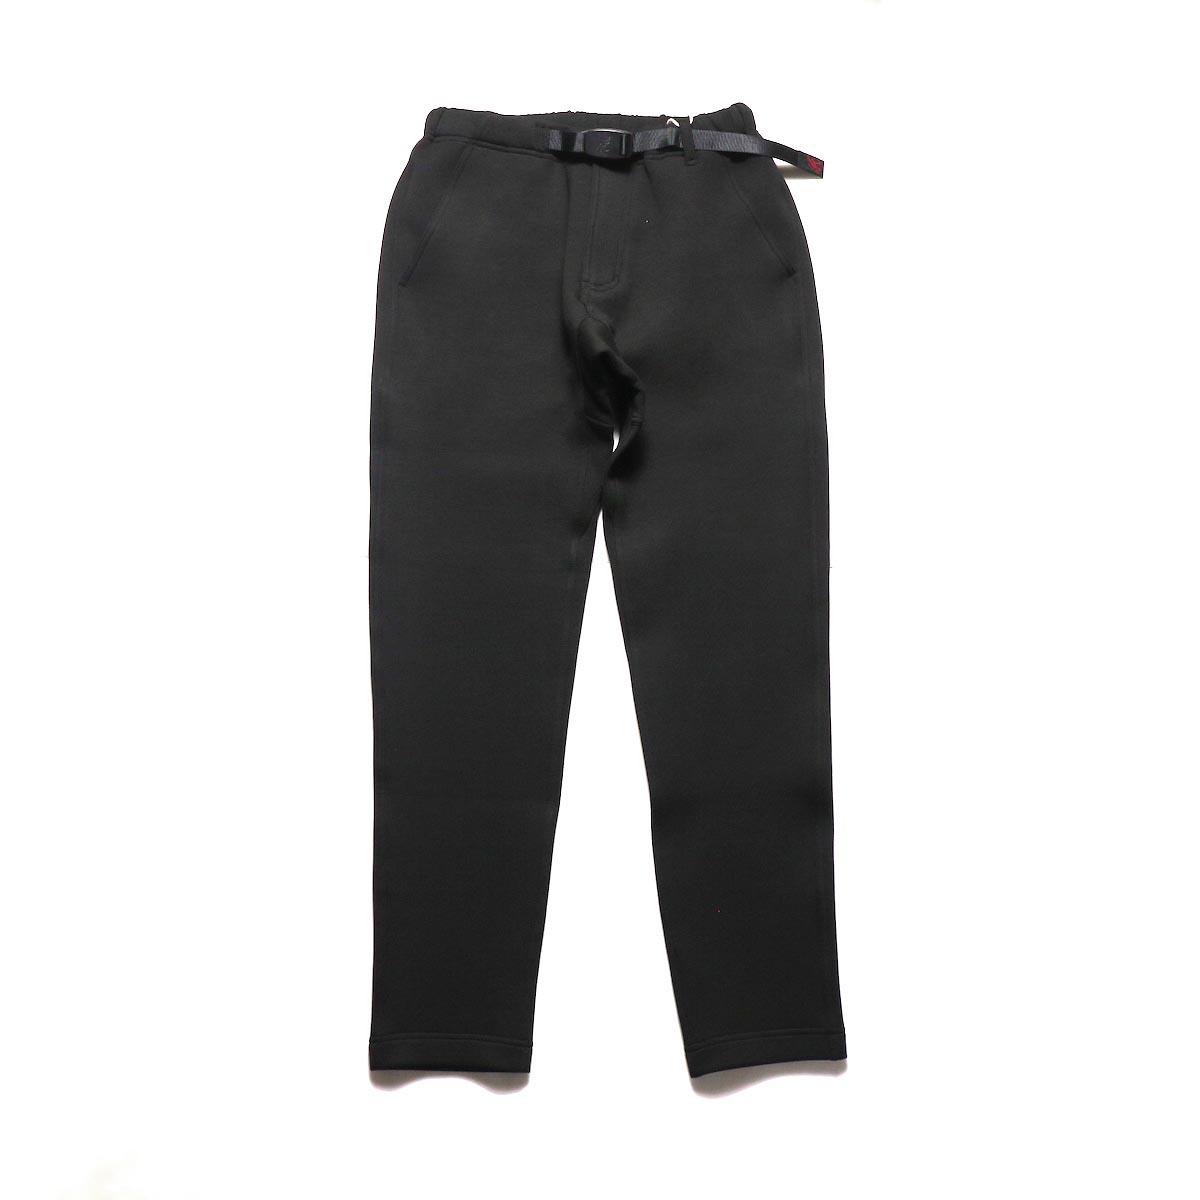 GRAMICCI / TECK KNIT SLIM FIT PANTS (Black)